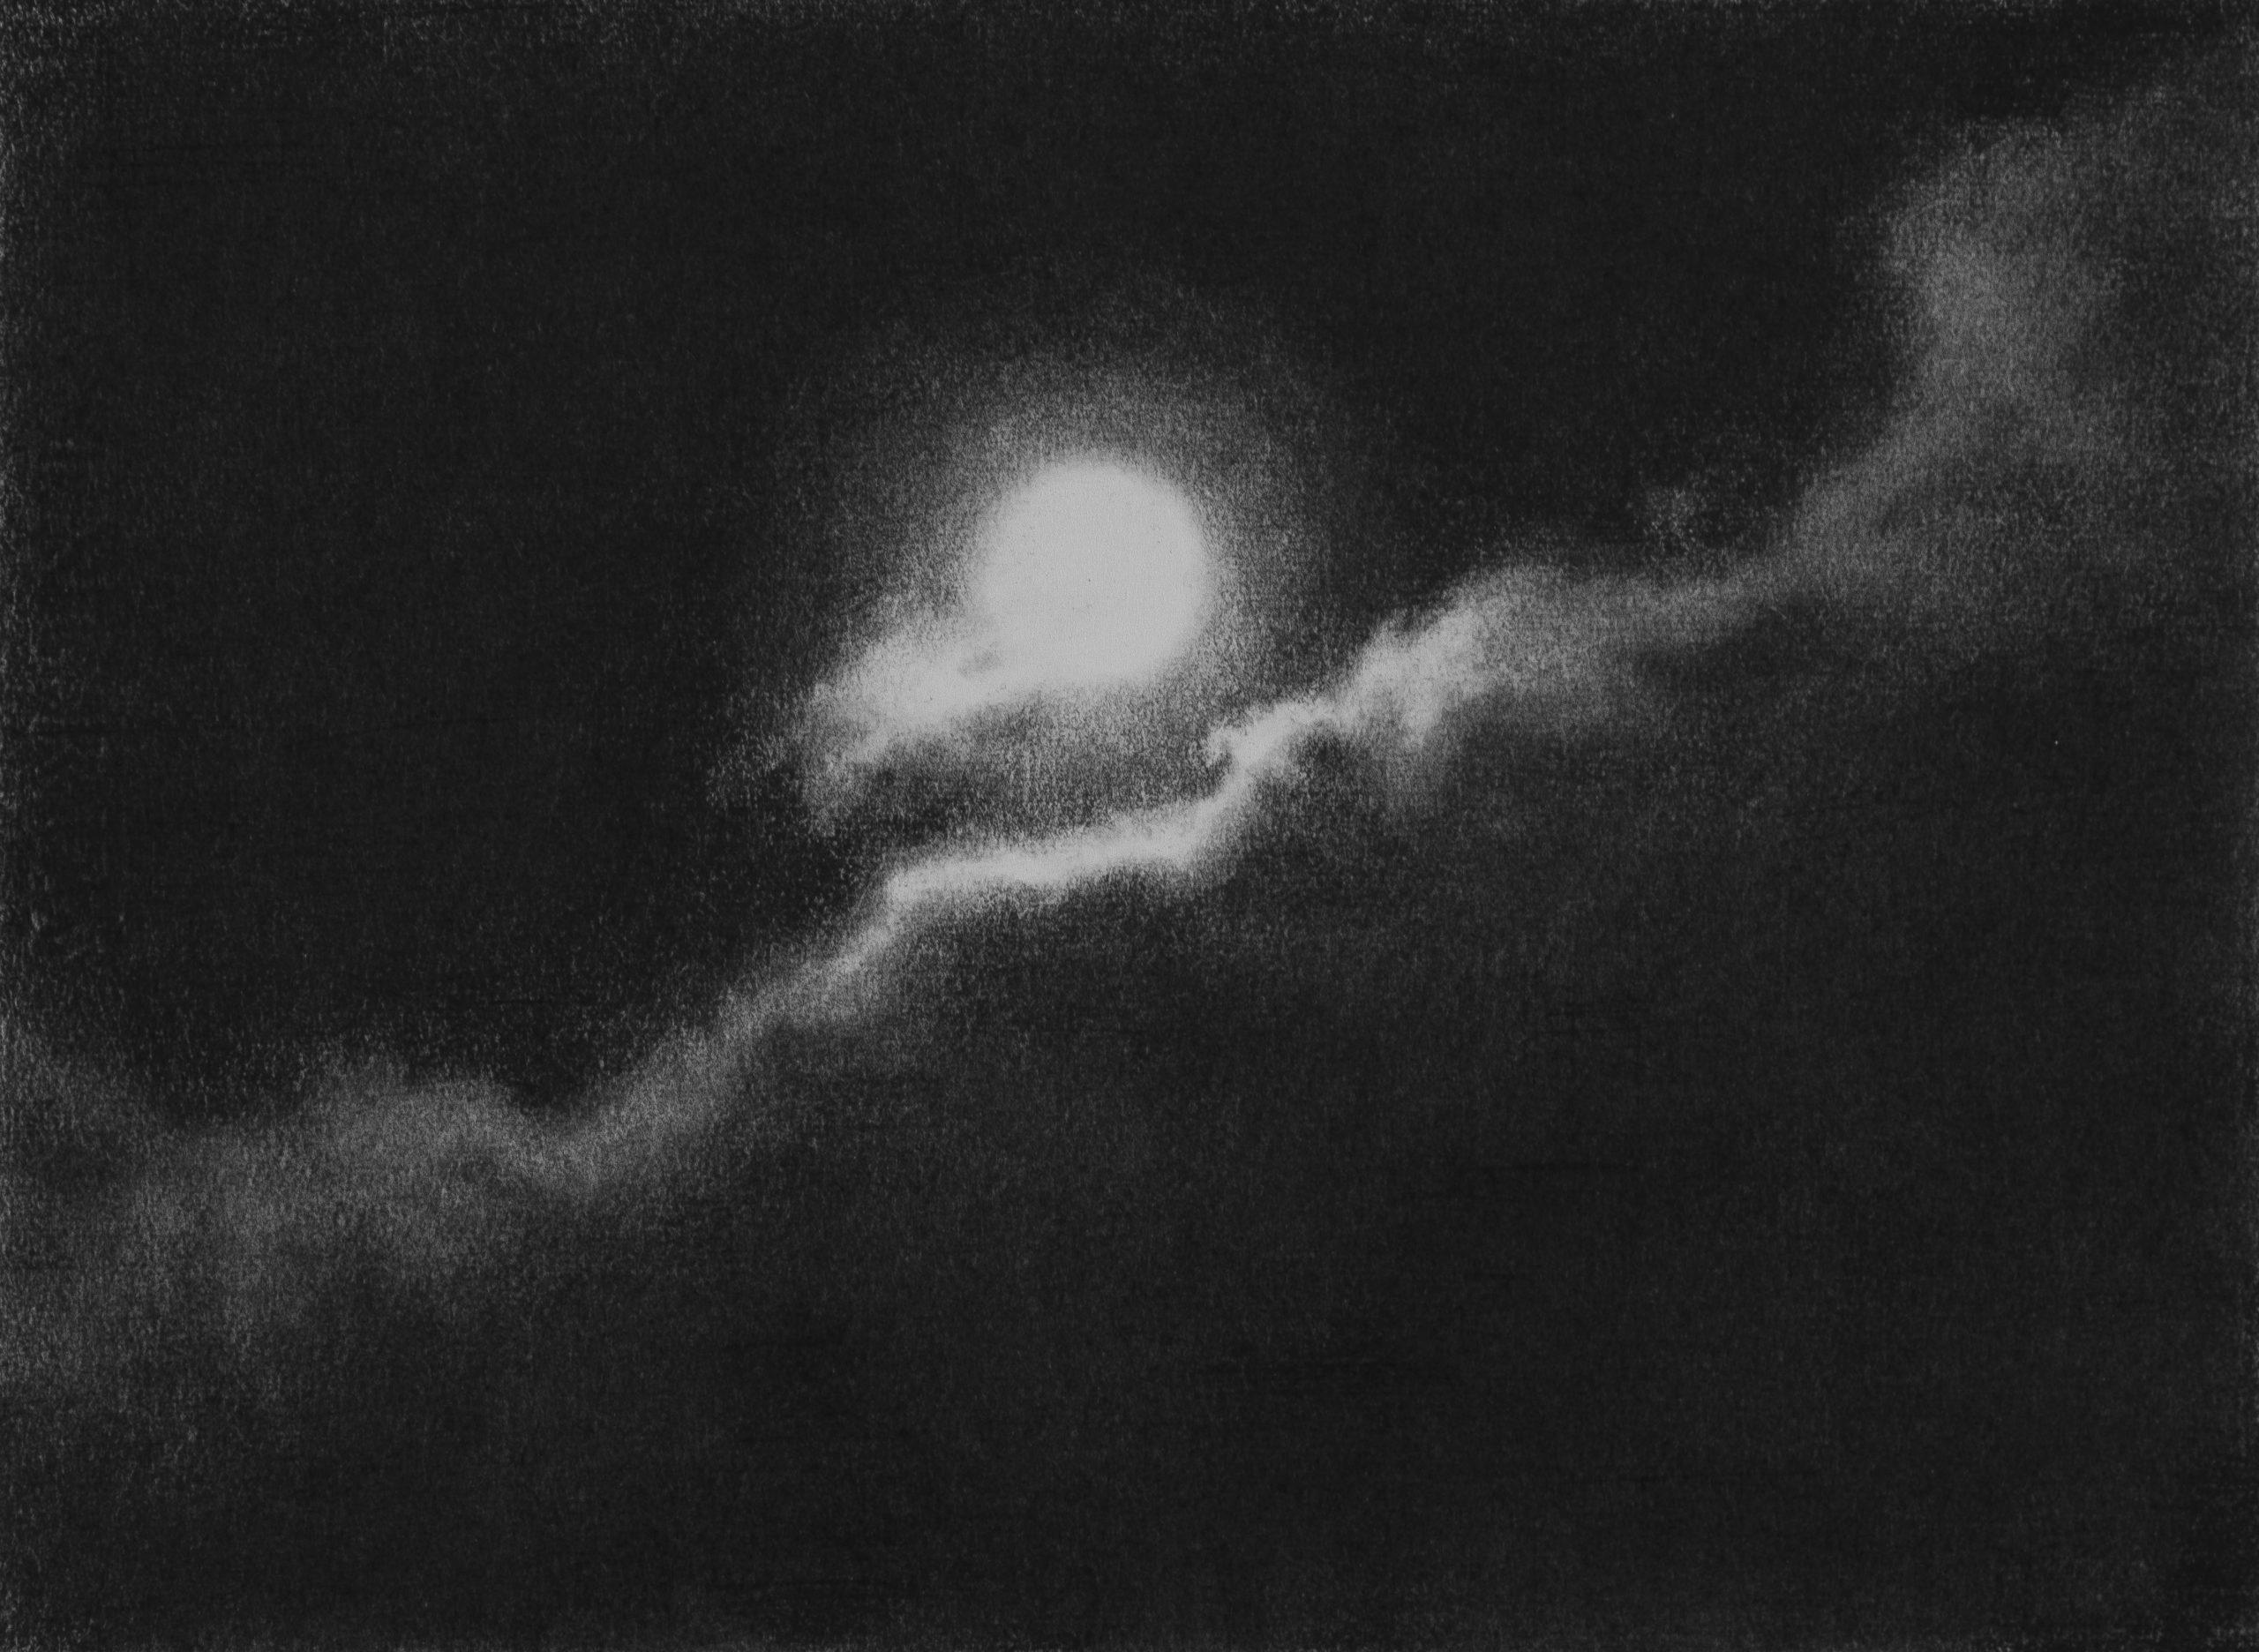 GONZALO-SICRE.-LA-CHOLEPA-2-Nocturno II Lápiz Conté sobre papel 30 x 40 cm. 2020